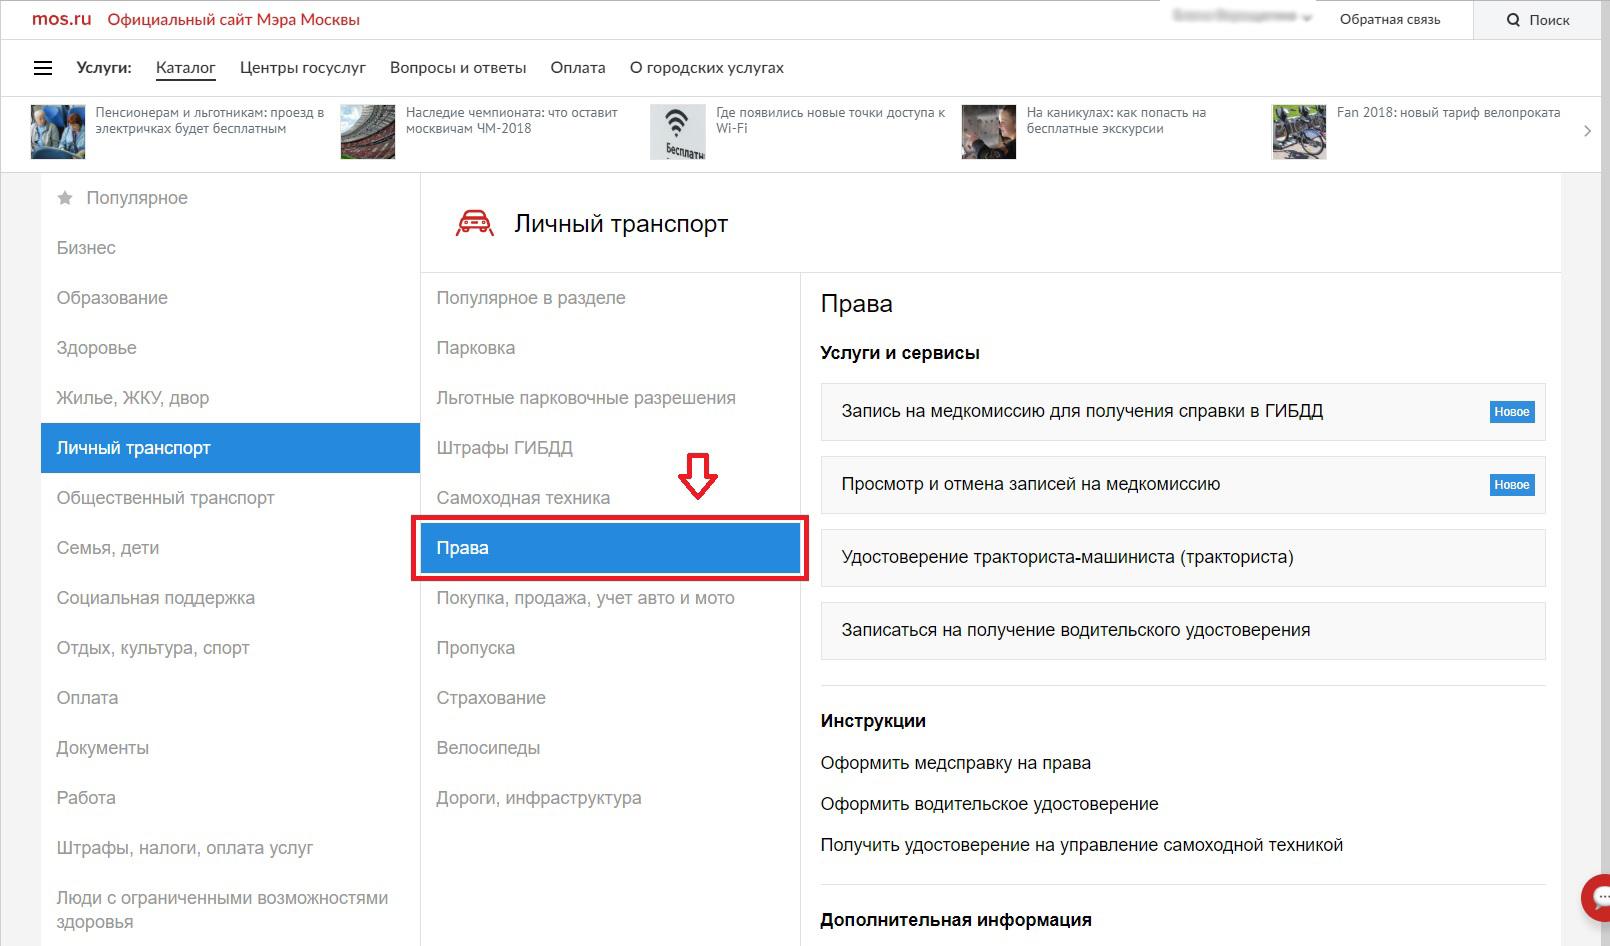 Медицинская справка для водительских прав в Москве Медведково